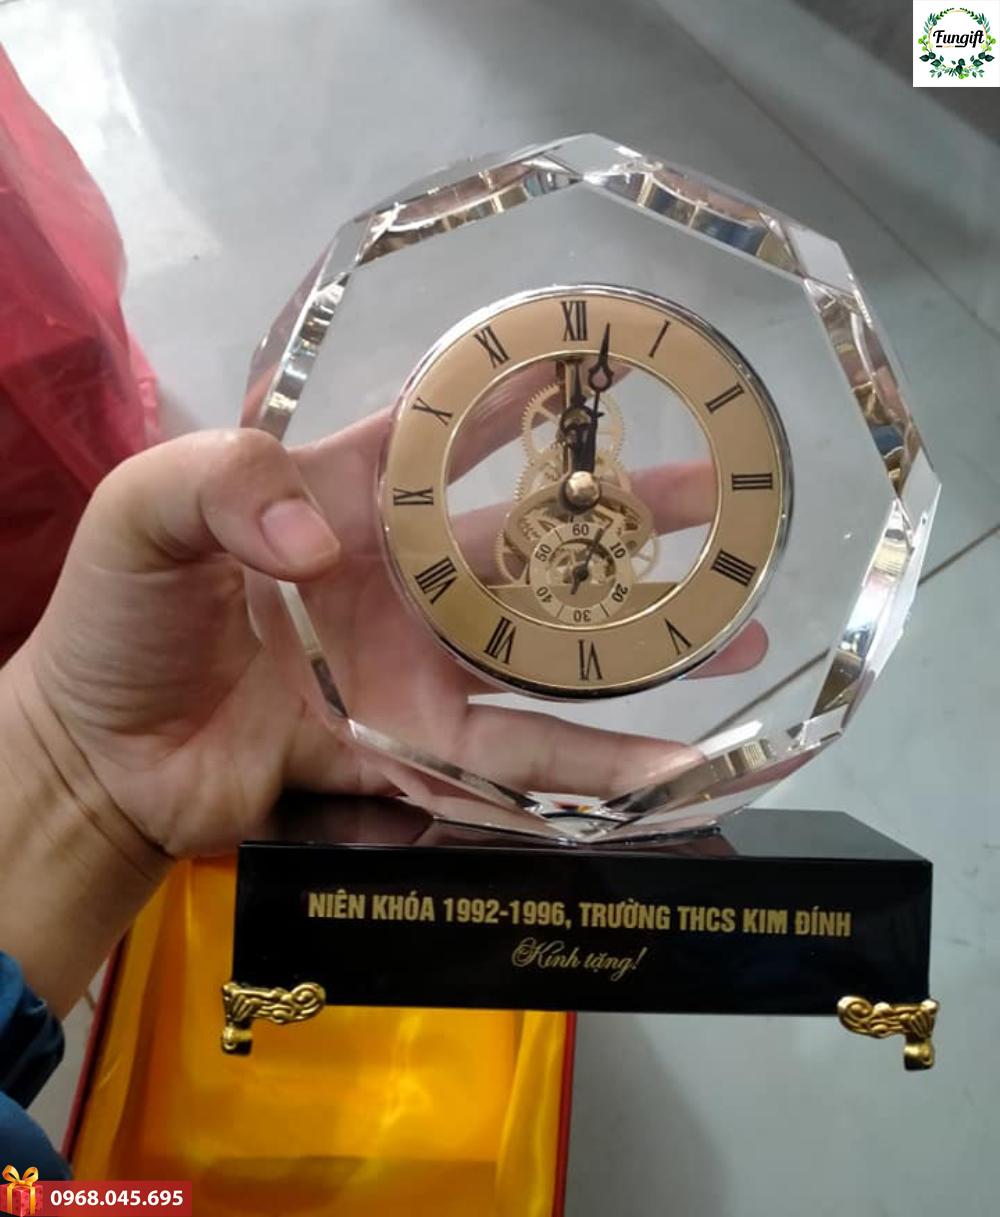 Đồng hồ kỷ niệm chương